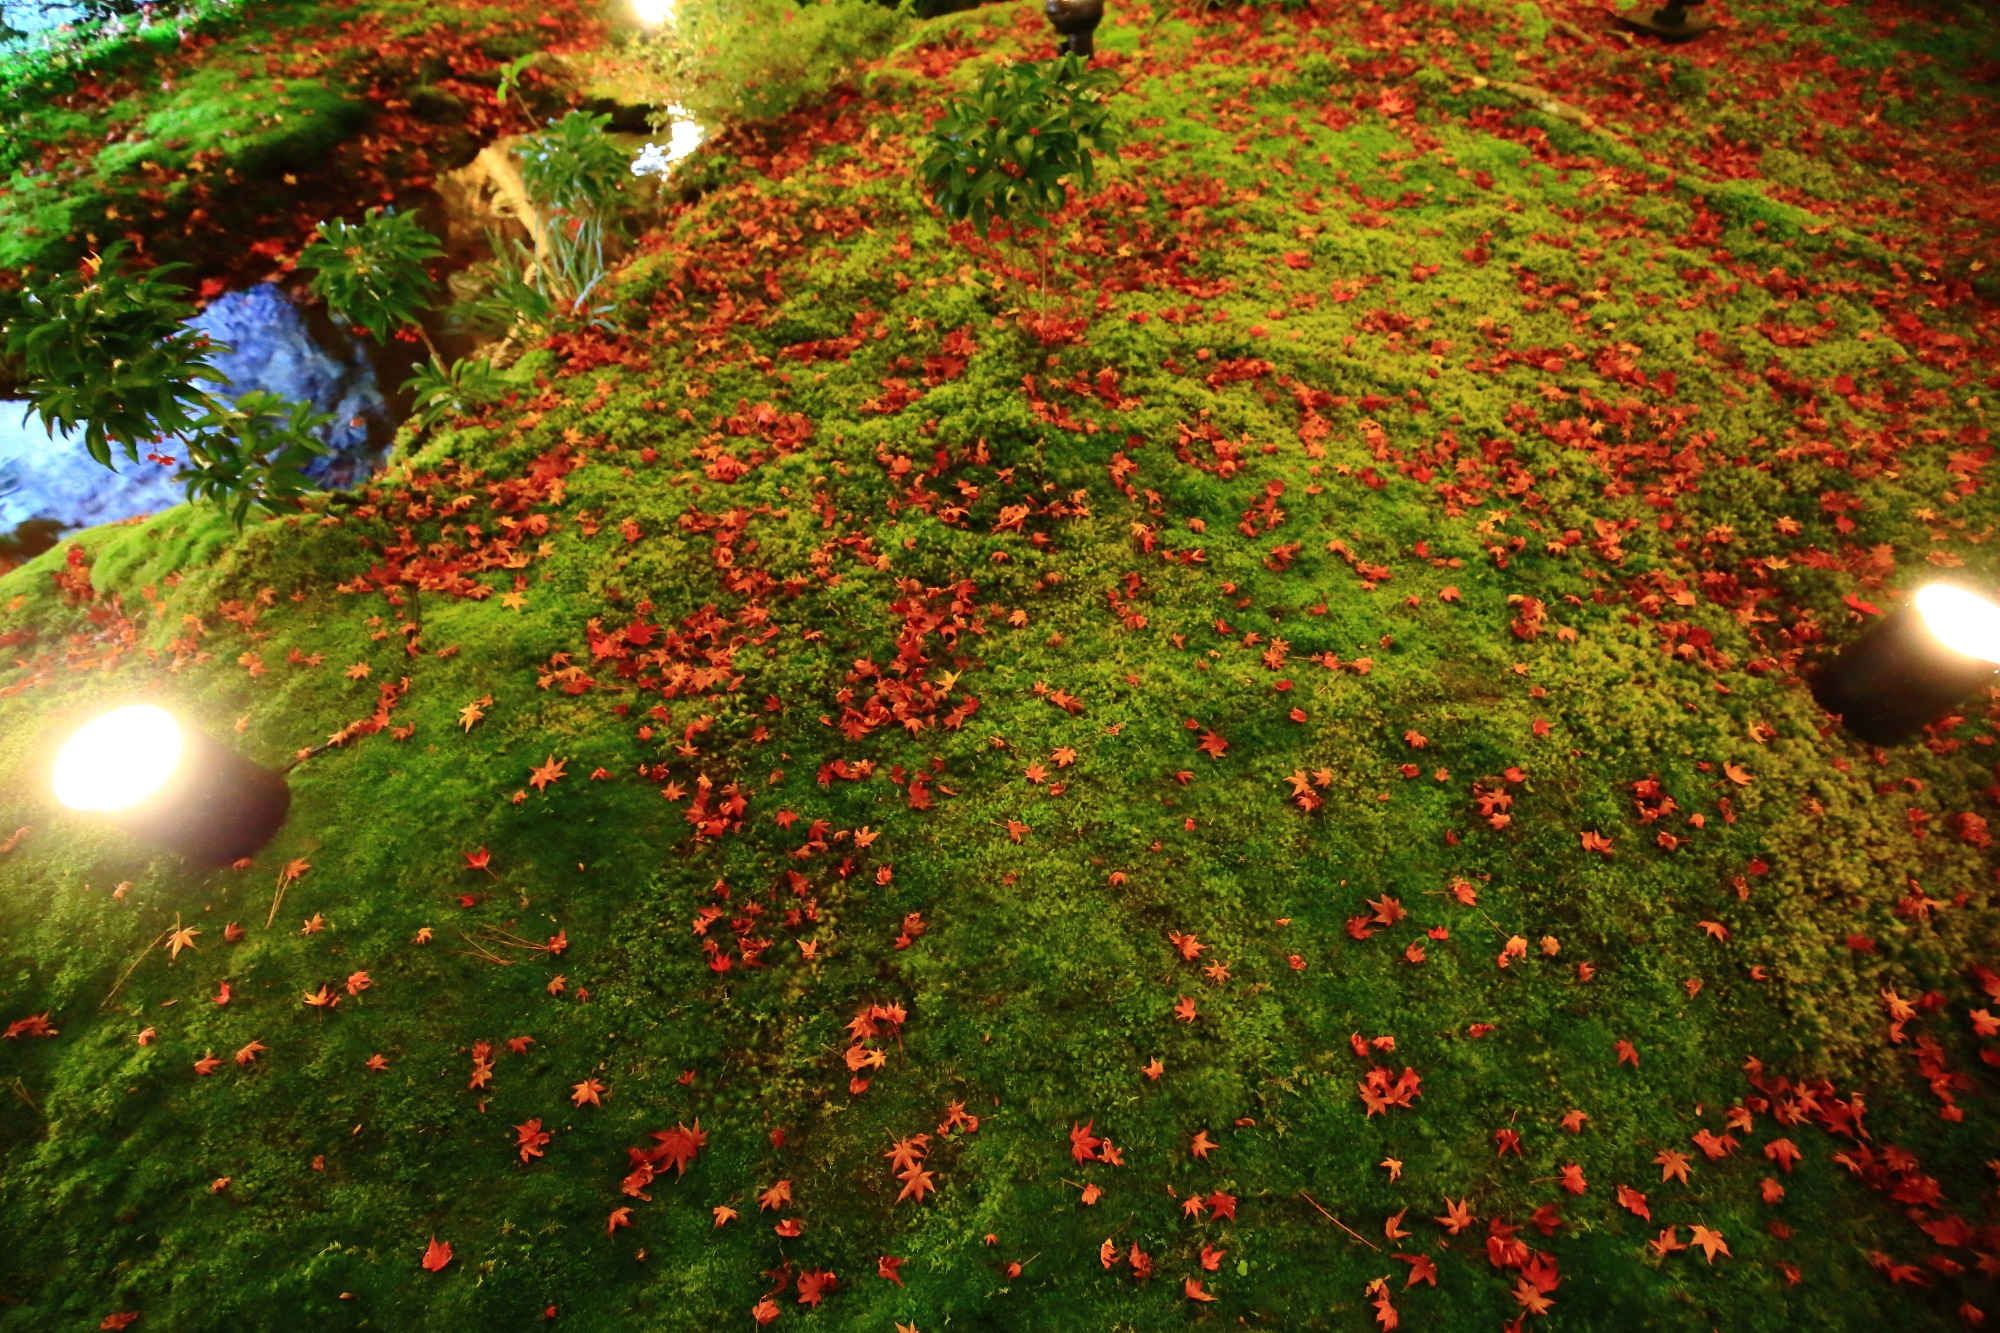 紅葉名所の宝厳院の獅子吼の庭のライトアップされた美しい緑の苔と赤い散りもみじ